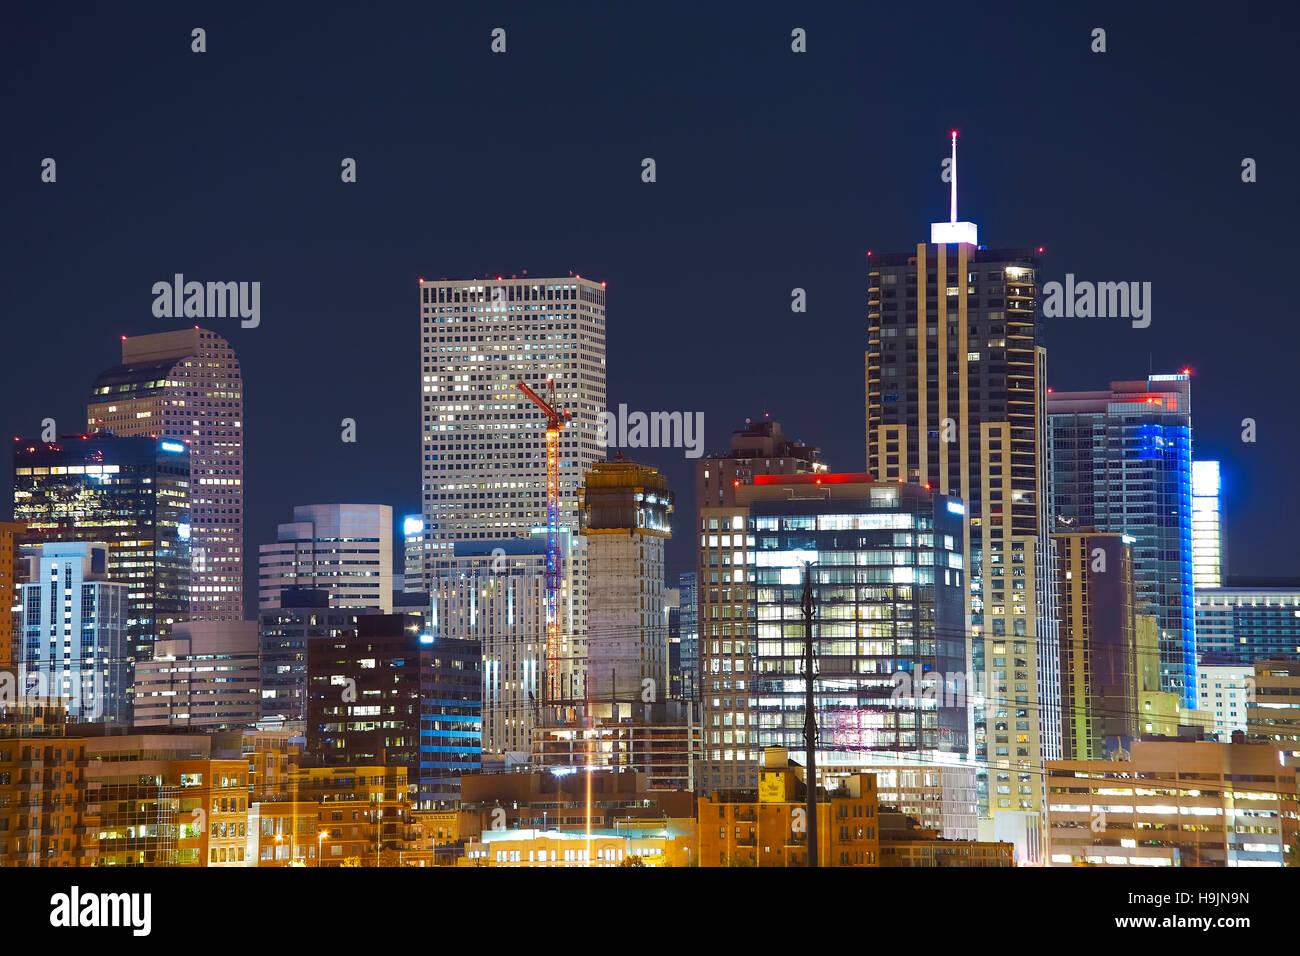 Denver downtown skyline at night, Colorado, USA. - Stock Image